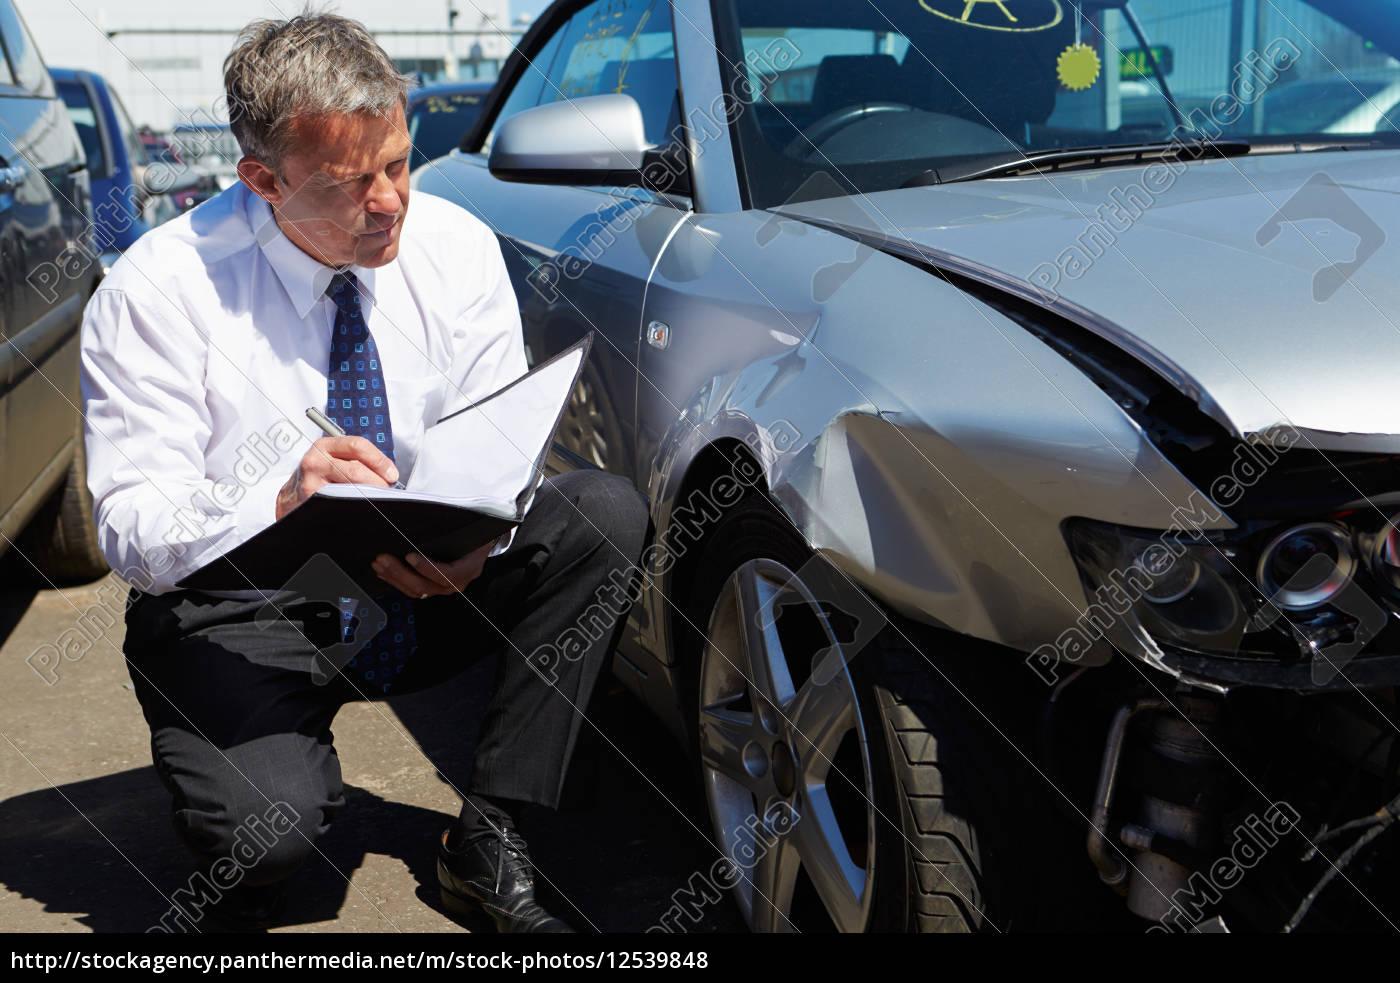 escribir, coche, carro, vehiculo, transporte, automovil - 12539848